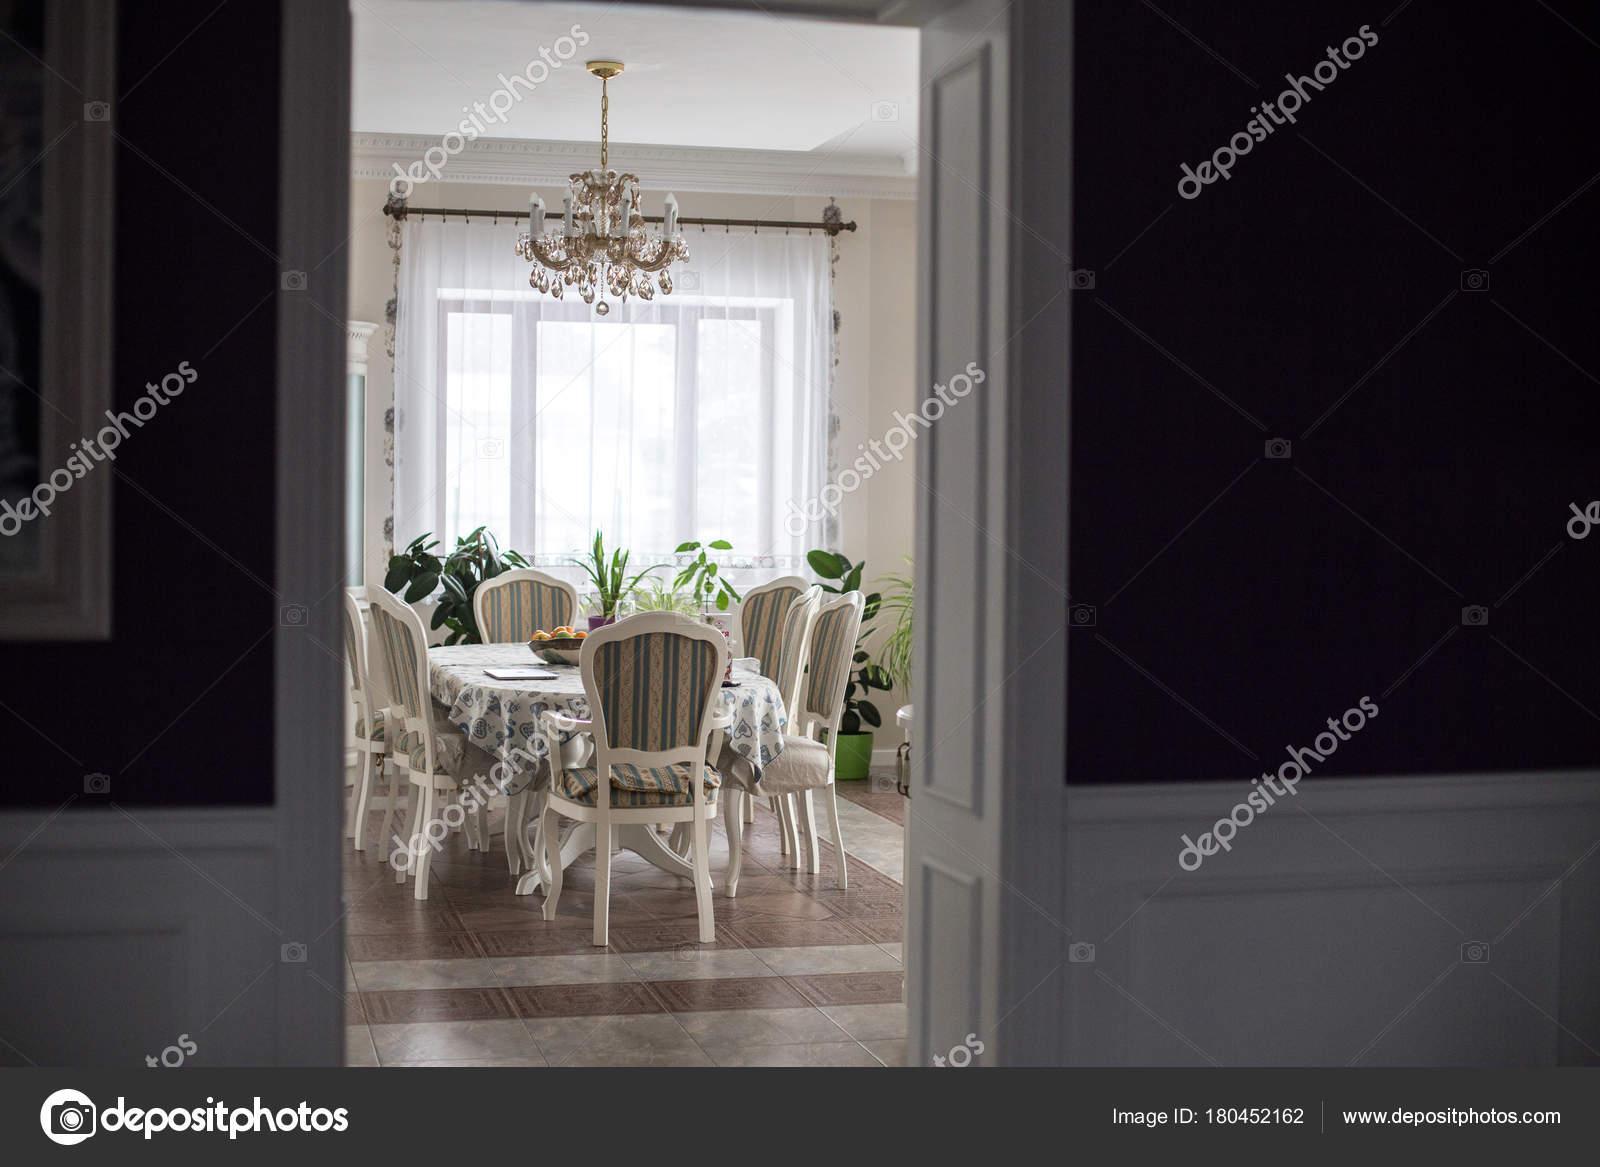 Uitzicht glamoureuze ingericht indoor woonkamer met luxe eettafel